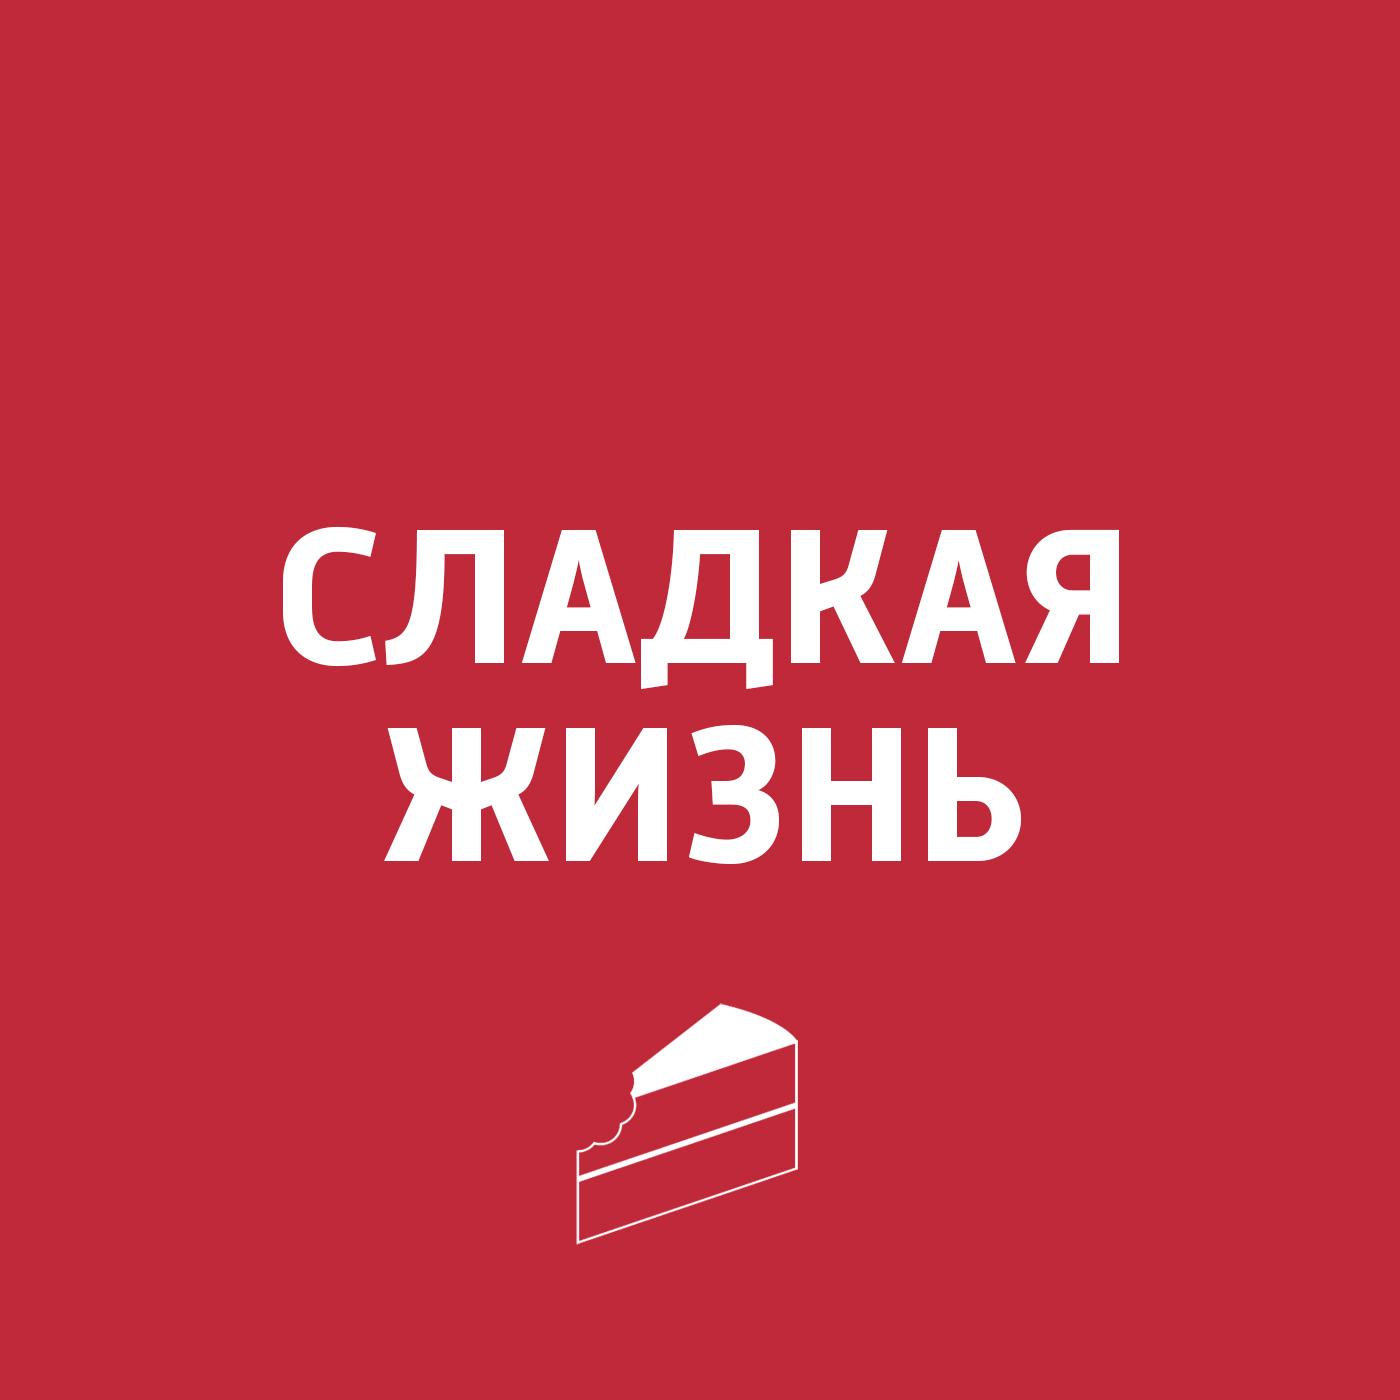 Картаев Павел Истории попкорна. Часть 2 картаев павел истории попкорна часть 2